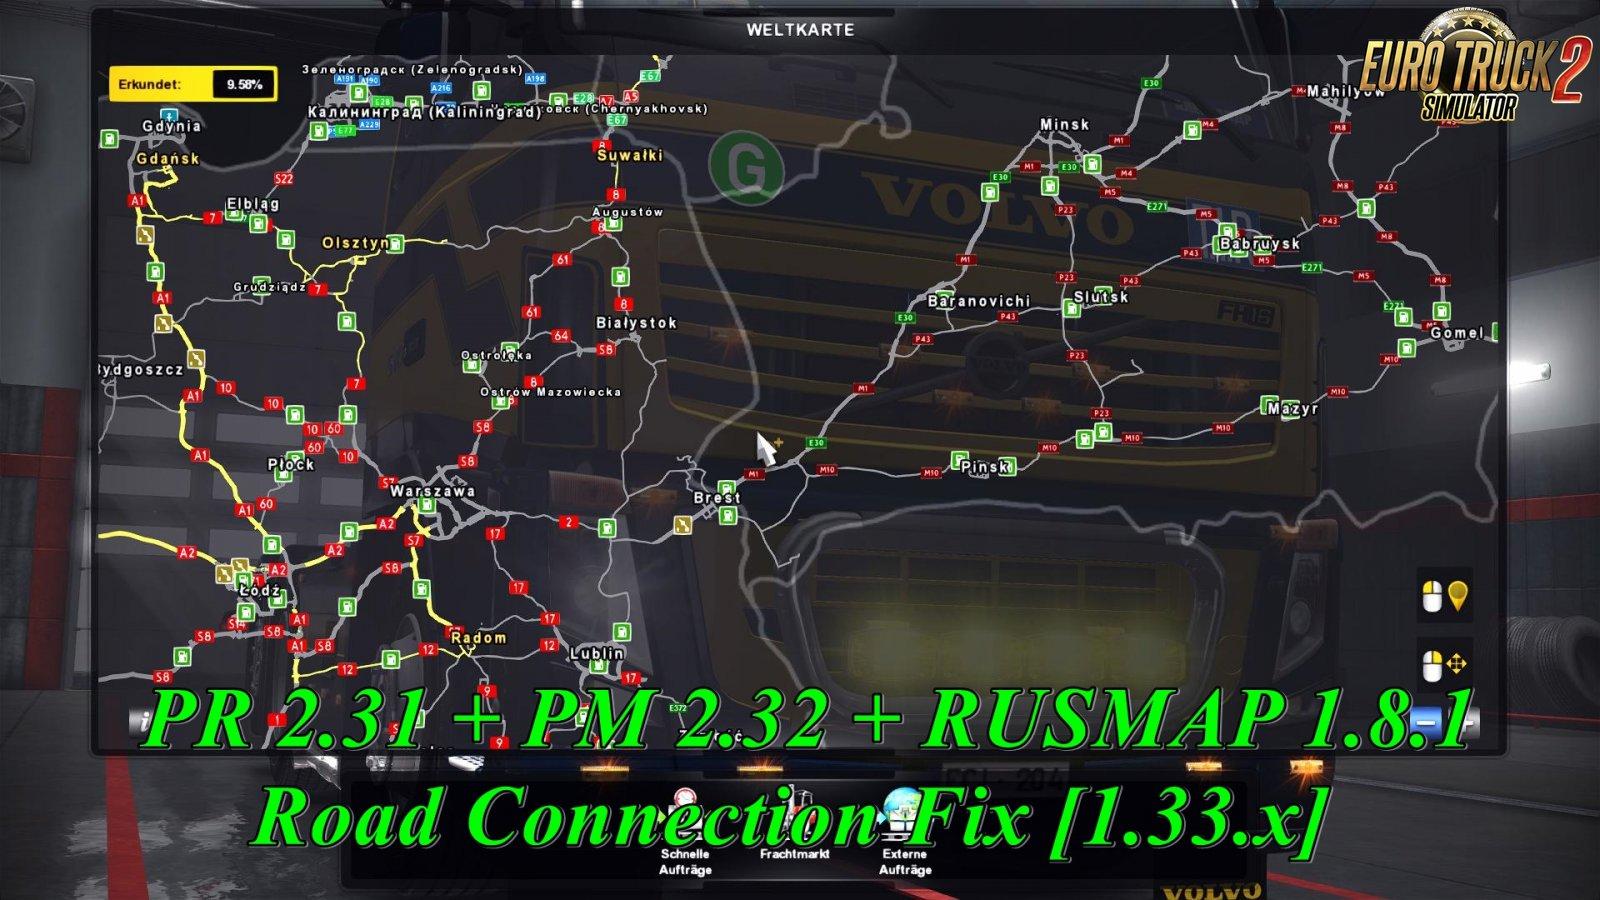 PR 2.31 + PM 2.32 + RUSMAP 1.8.1 Road Connection Fix [1.33.x]